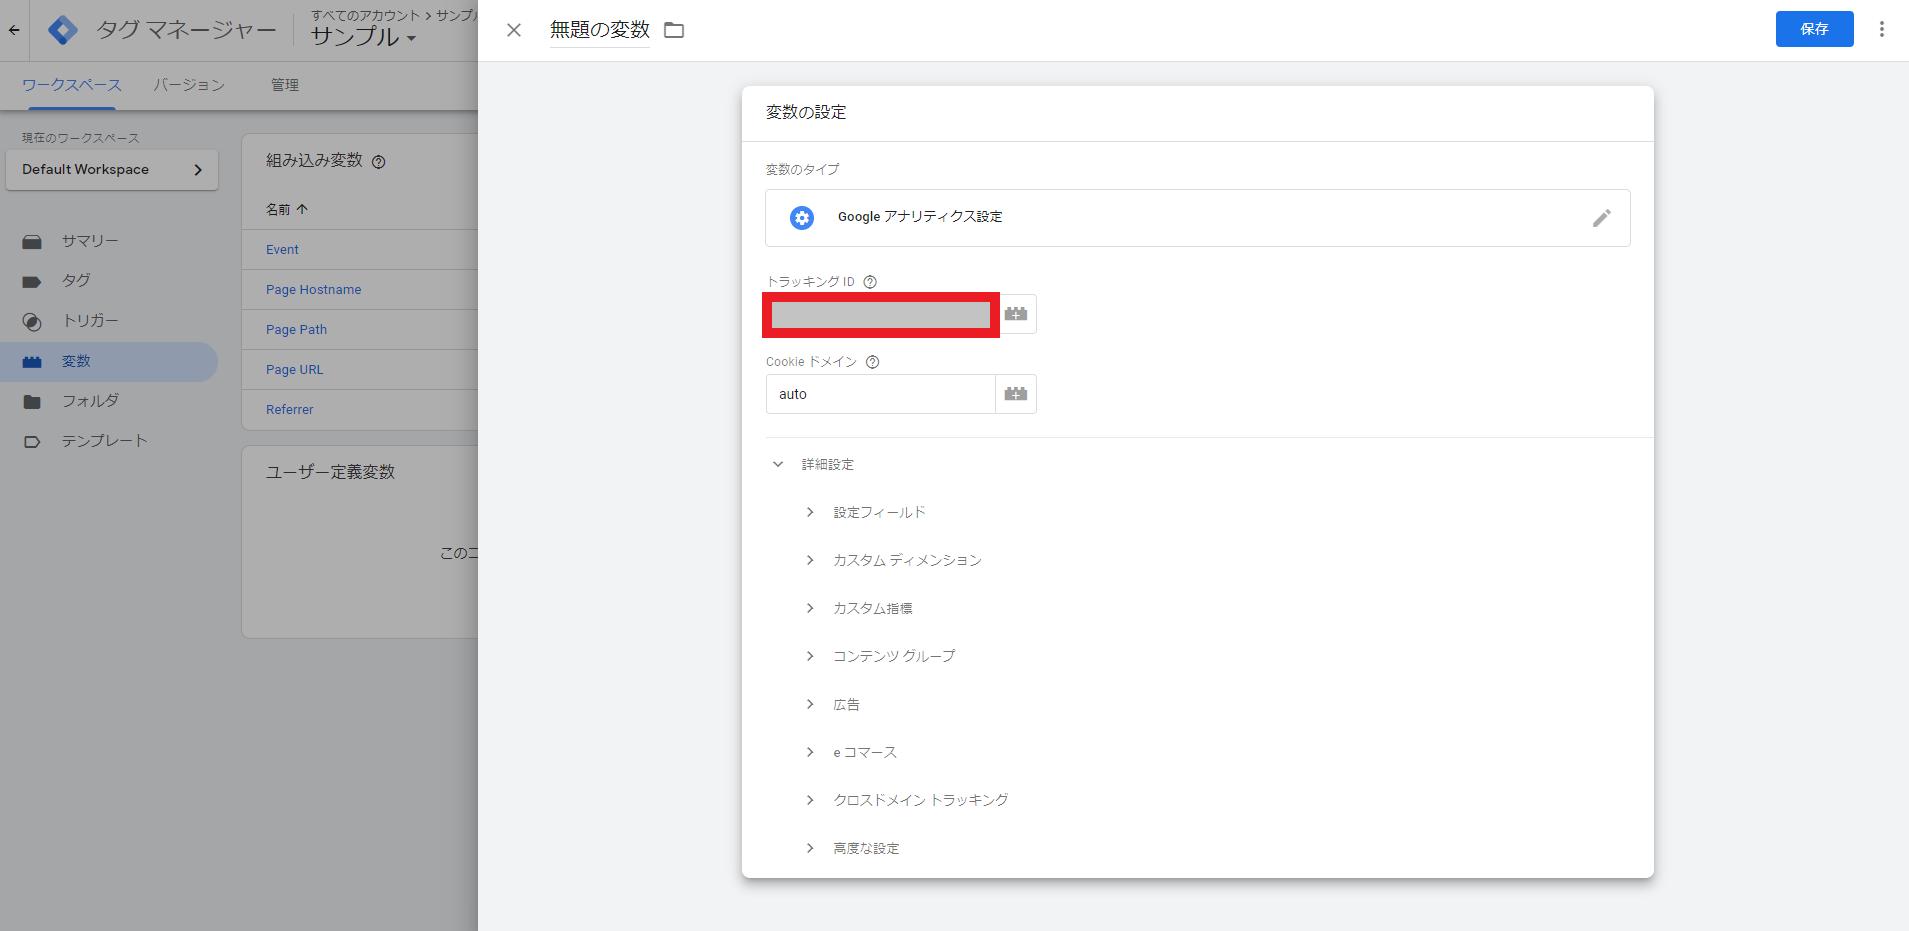 Googleアナリティクス変数のトラッキングID